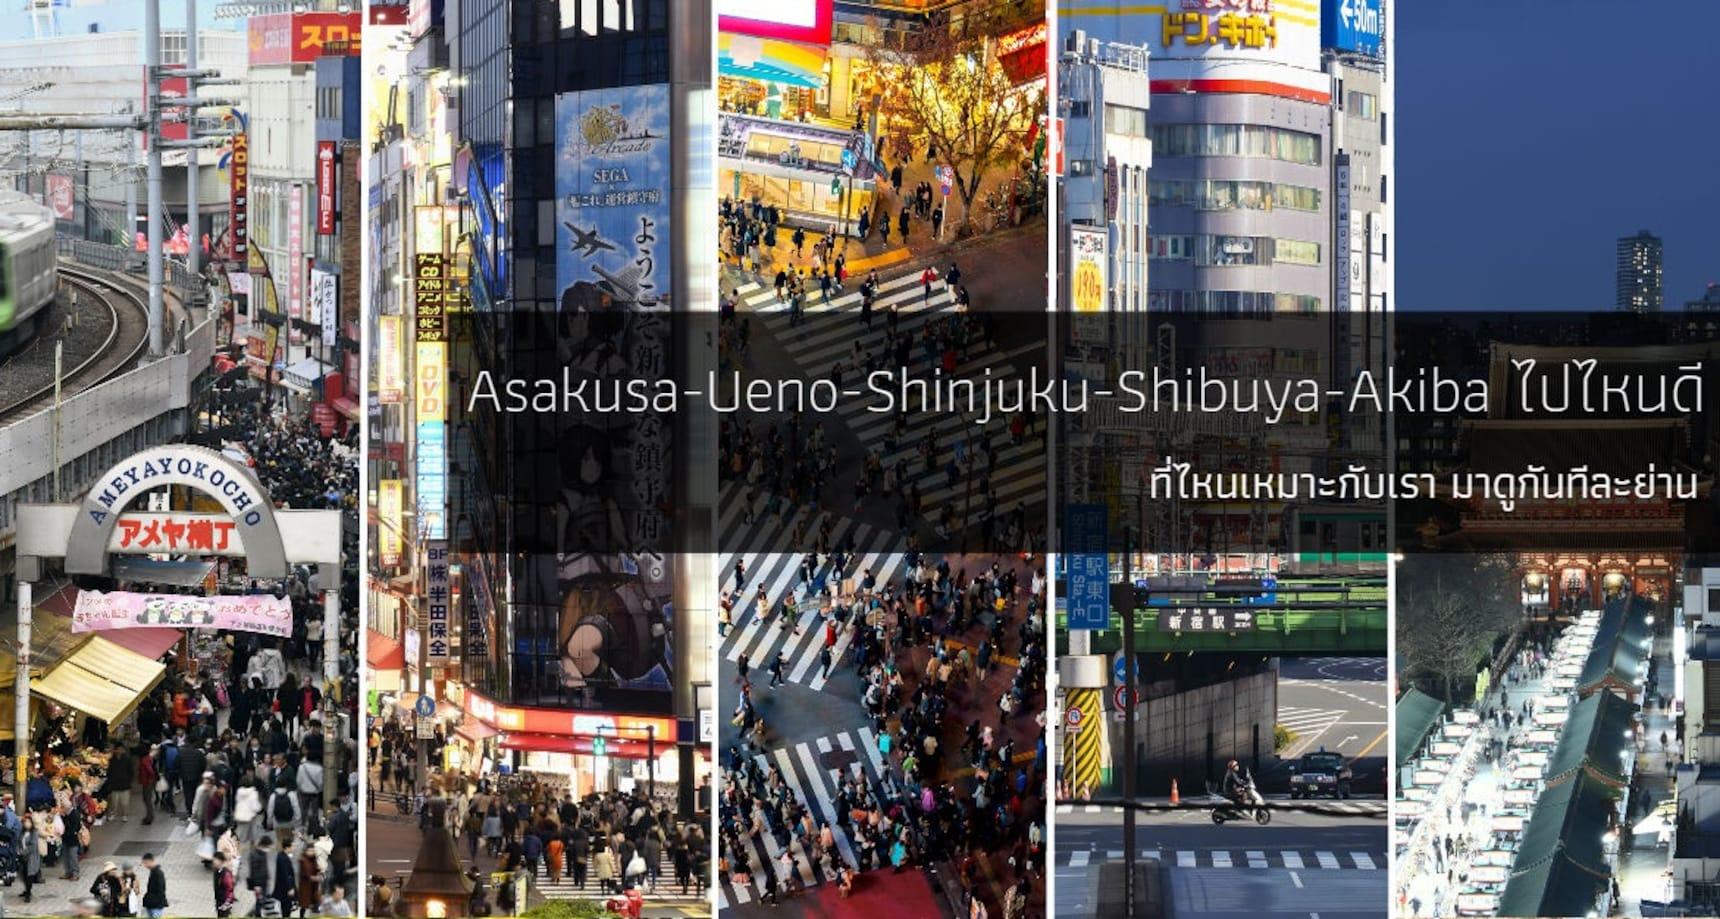 Asakusa-Ueno-Shinjuku-Shibuya-Akiba ไปไหนดี